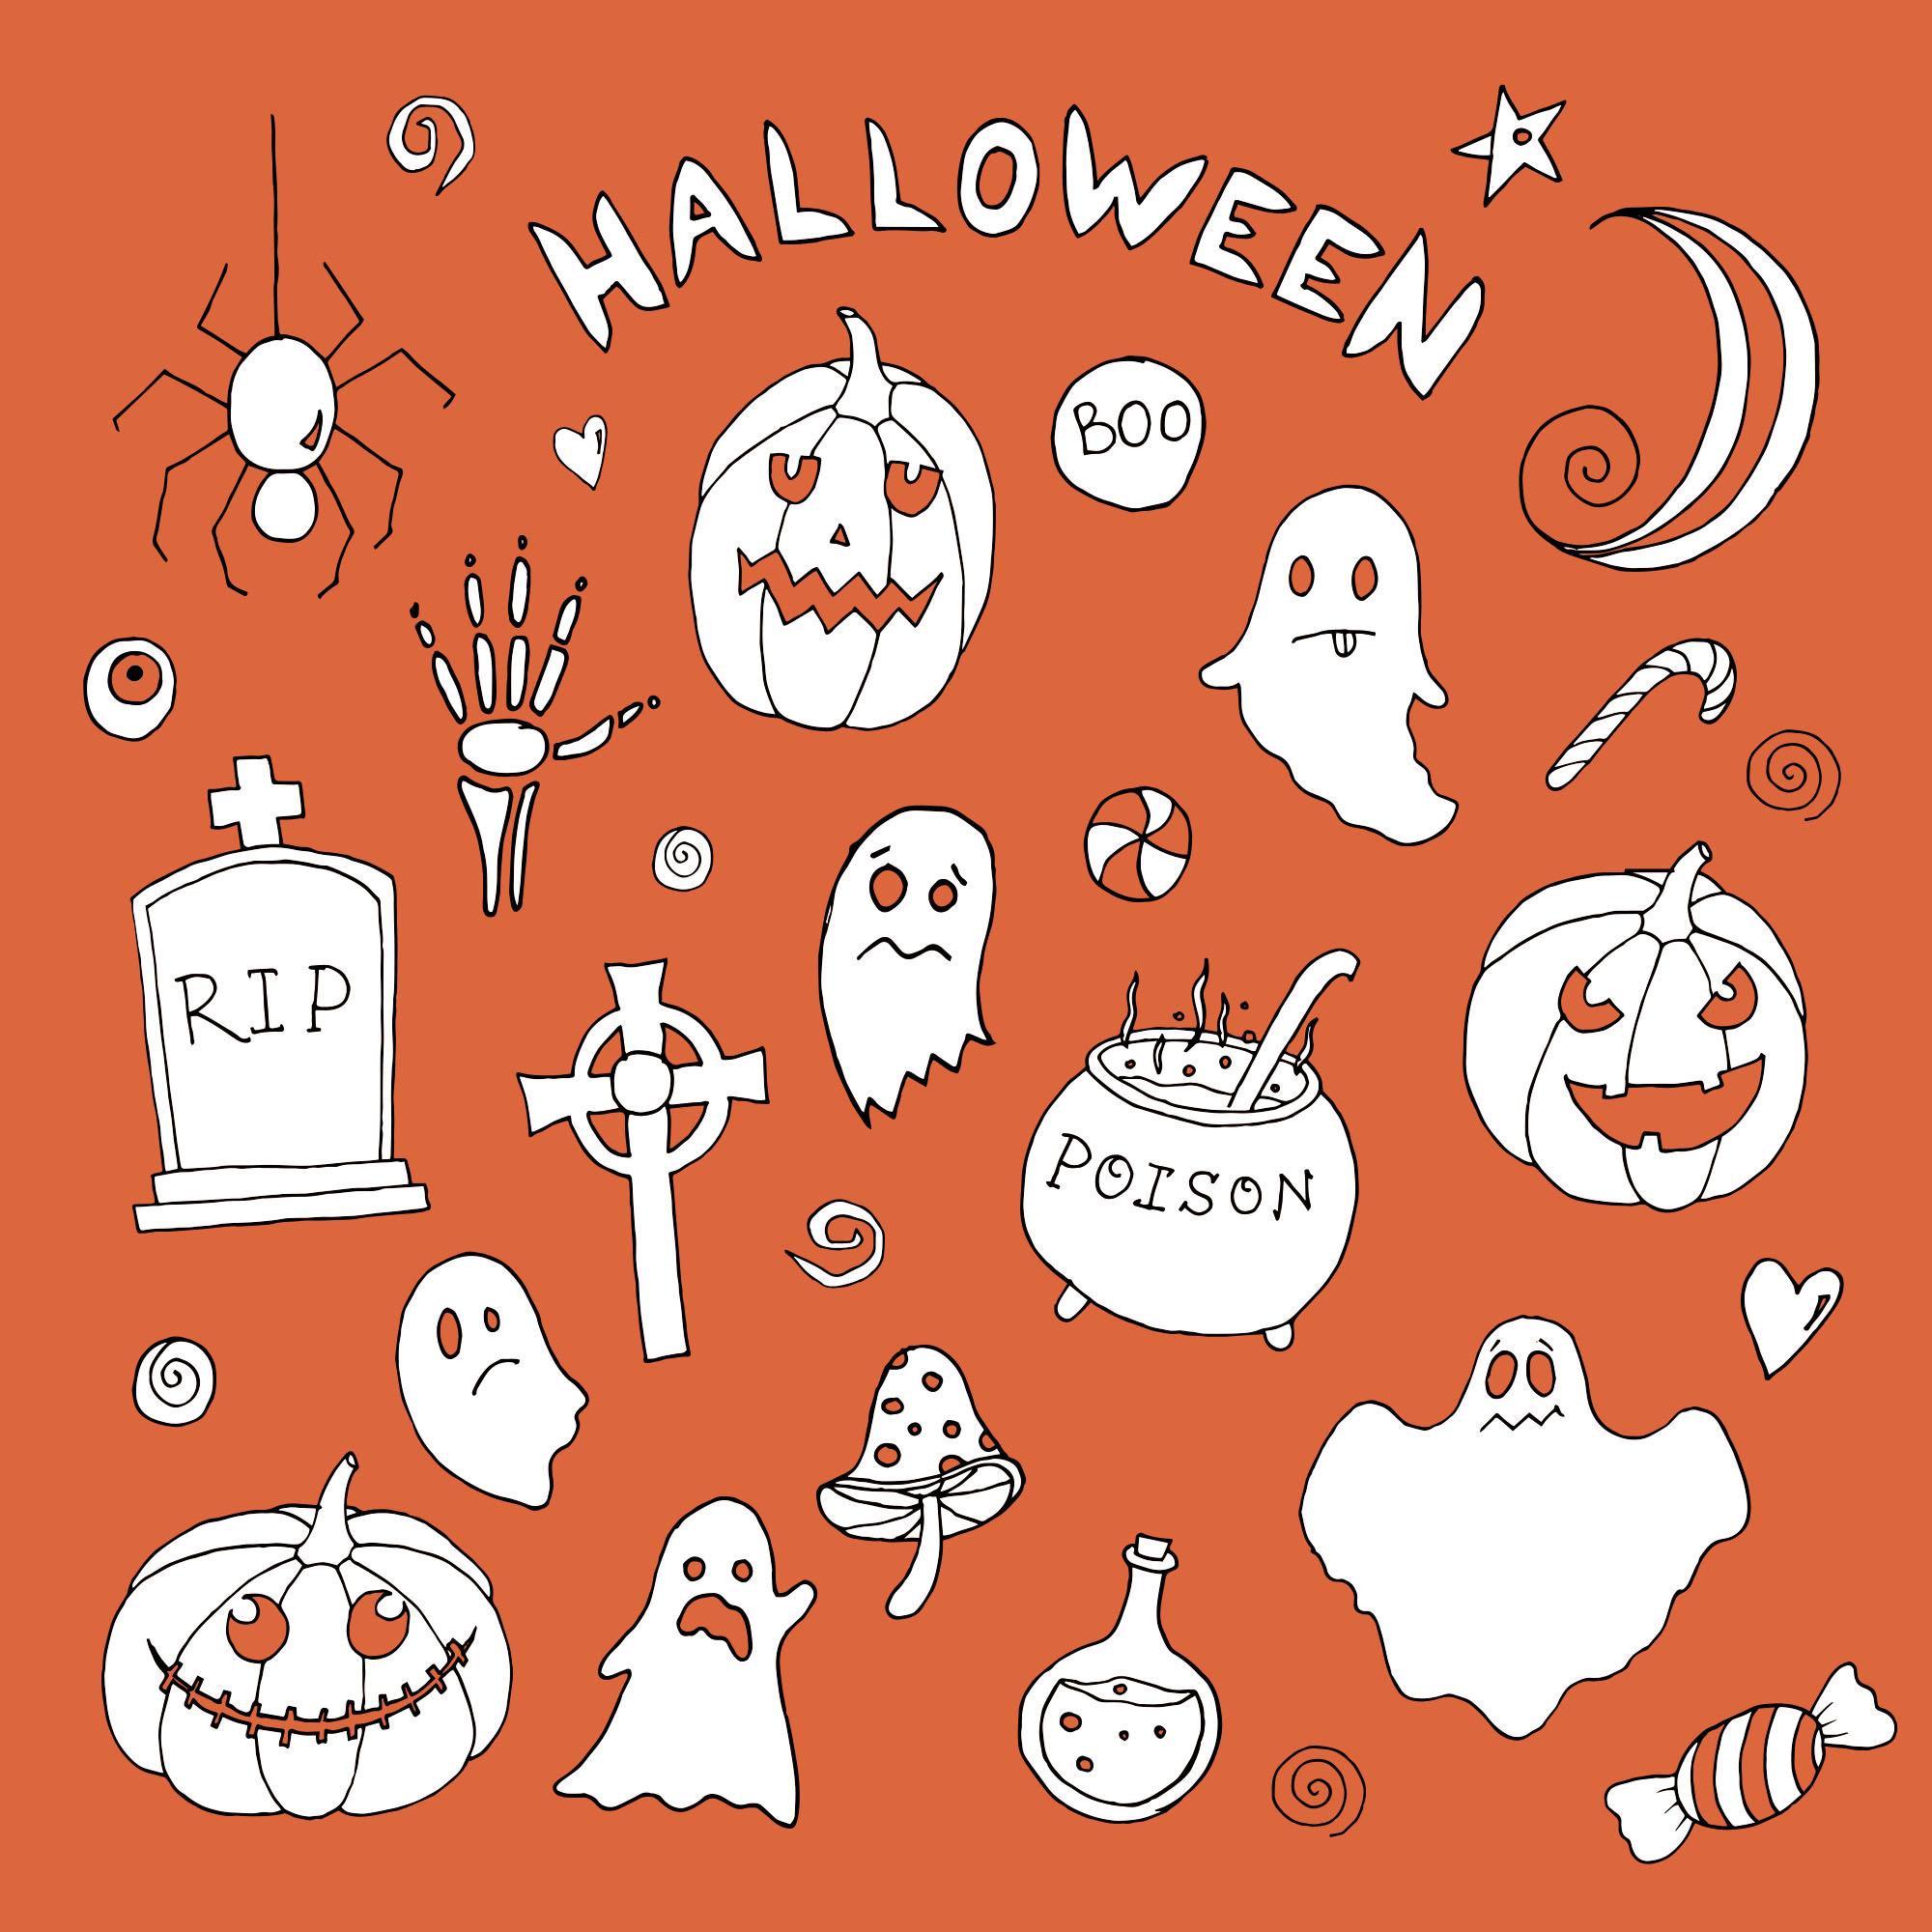 可爱万圣节矢量图案平面设计素材包 Halloween Vector Elements & Patterns – Part II插图